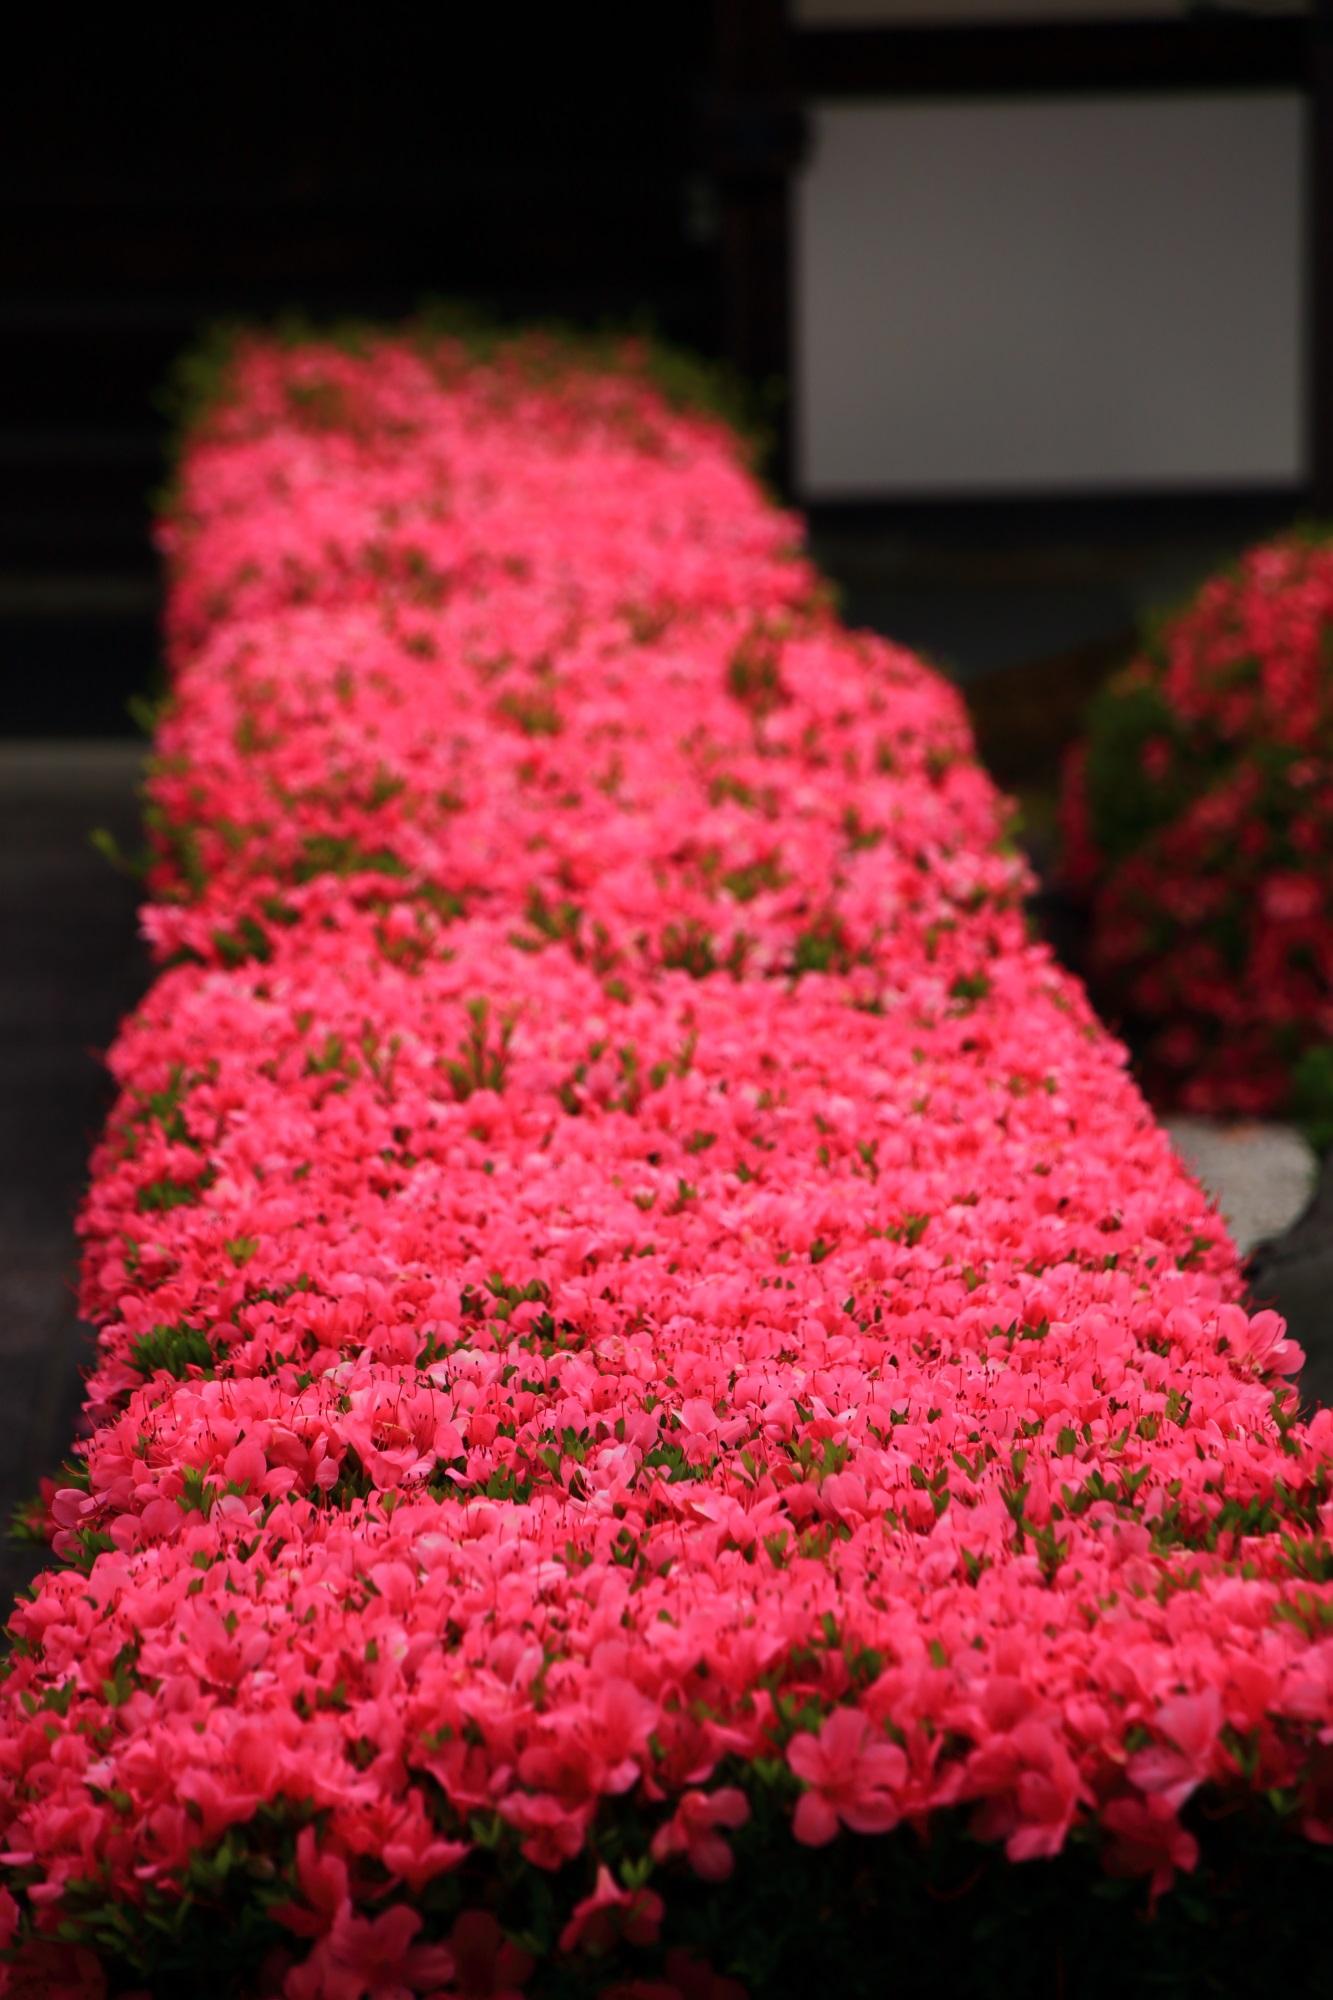 妙心寺慈雲院の天晴れな四角いピンクの生垣